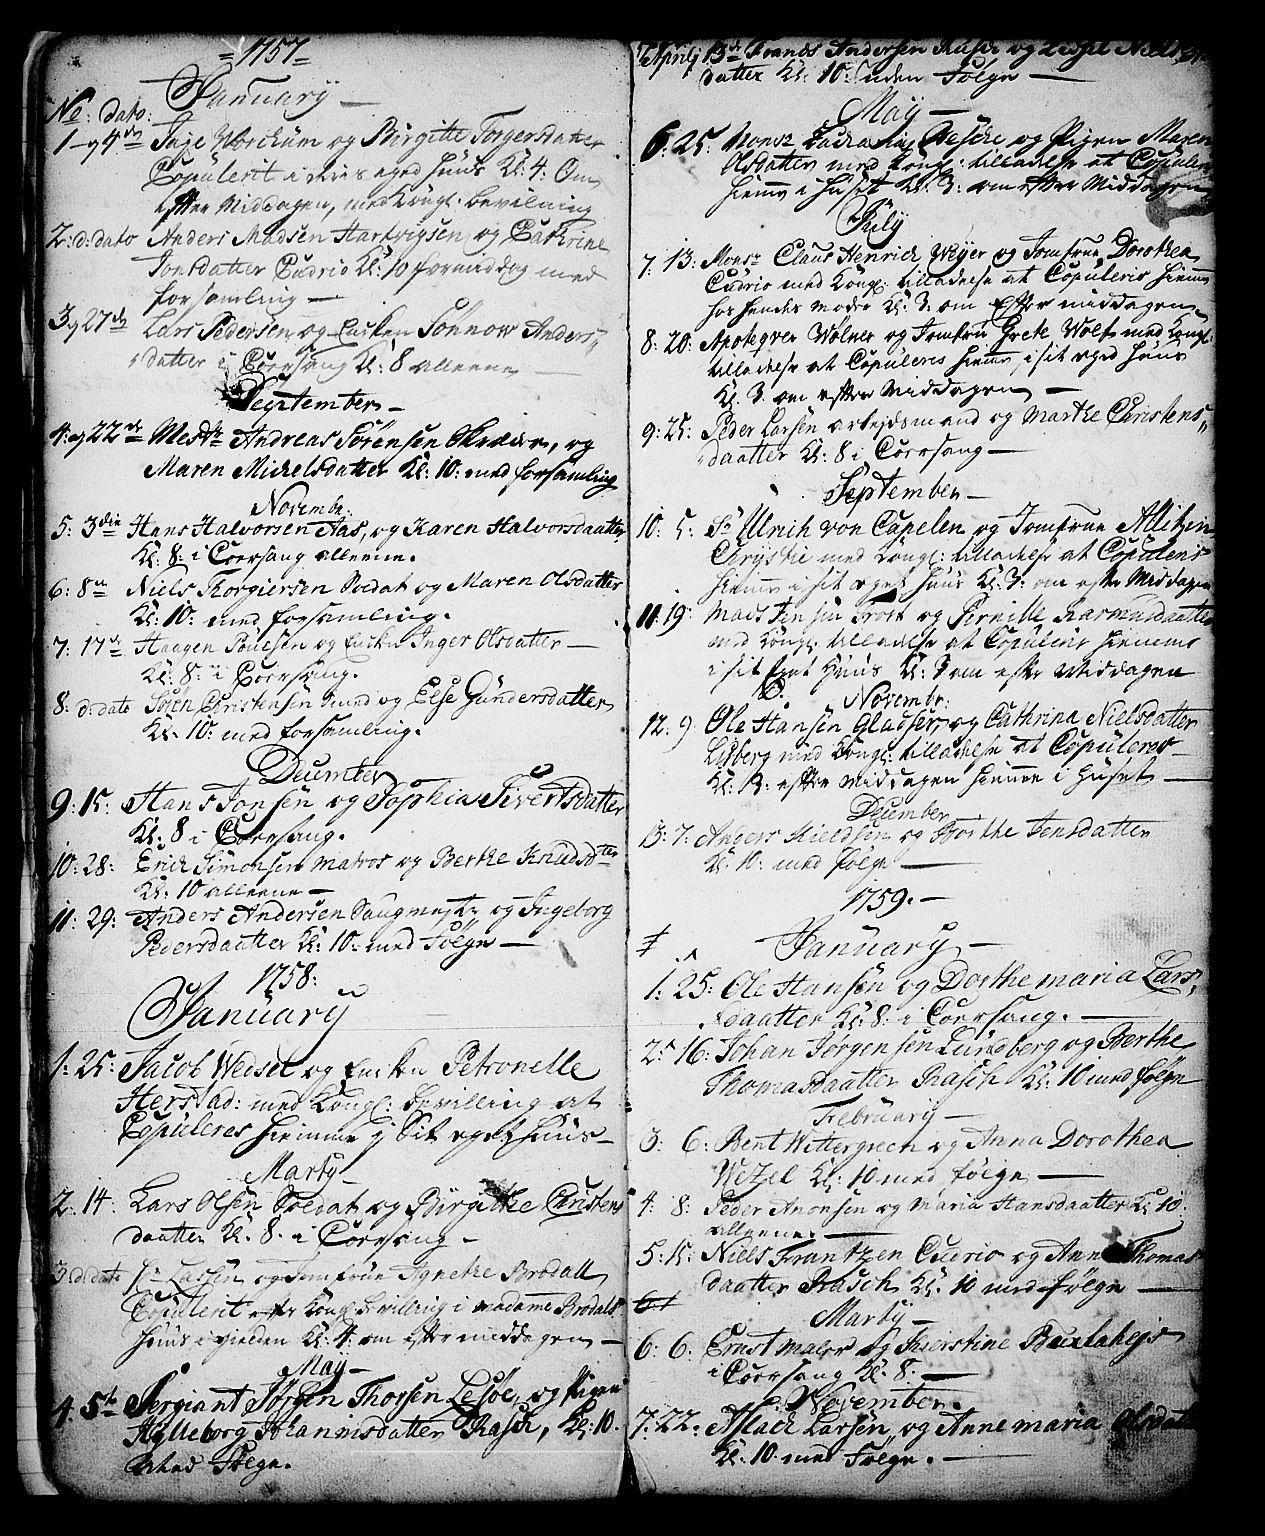 SAKO, Skien kirkebøker, G/Ga/L0001: Klokkerbok nr. 1, 1756-1791, s. 31